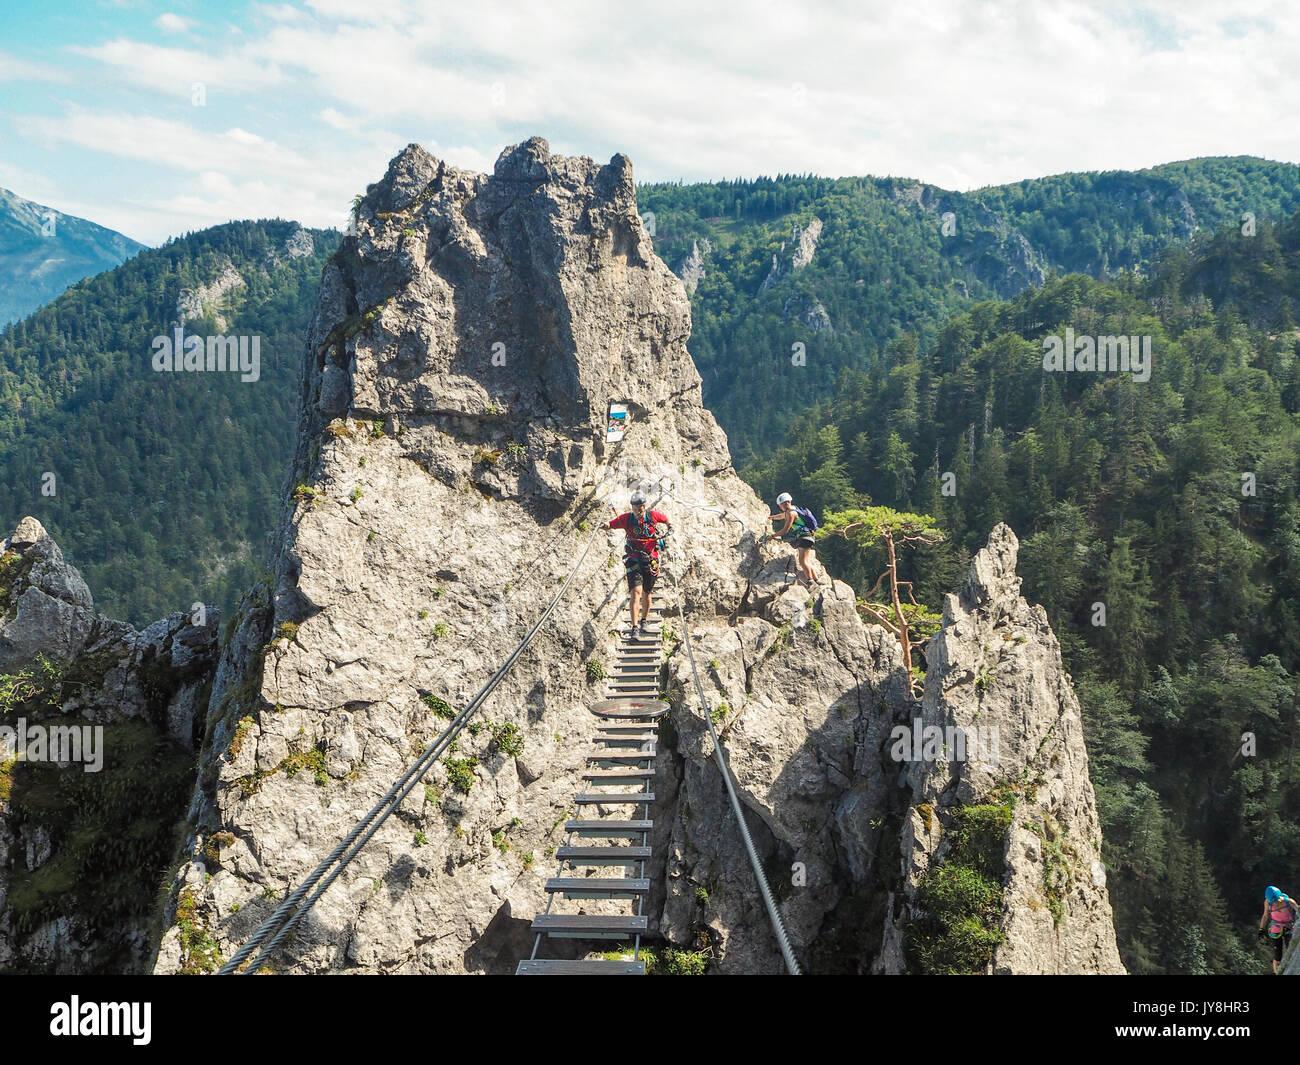 Klettersteig Mondsee : Mondsee und attersee alpen Österreich europa sommer sky